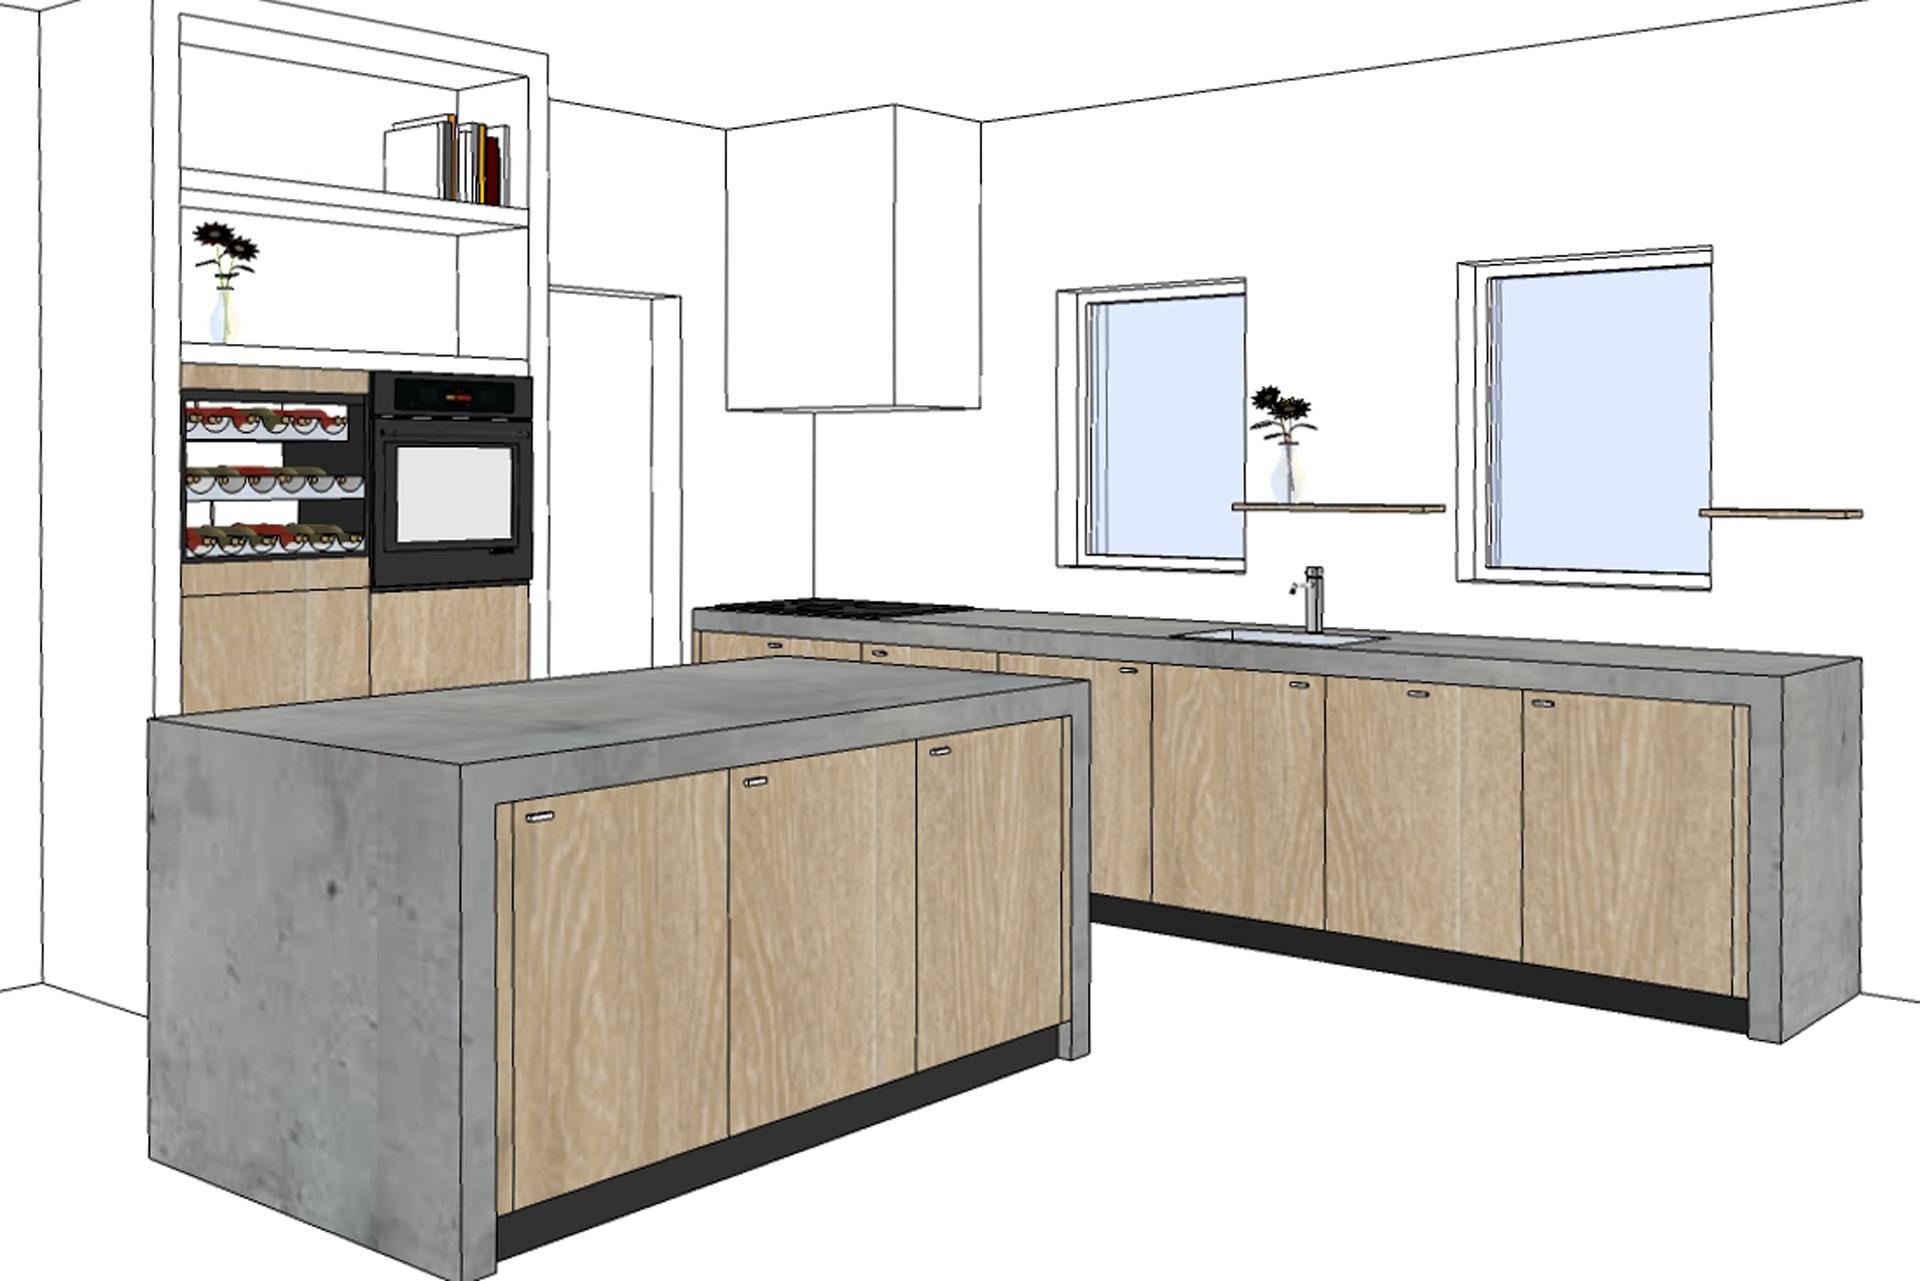 Hoge Kastenwand Keuken : Landelijke keuken op maat – Erjo Maatwerk Interieur